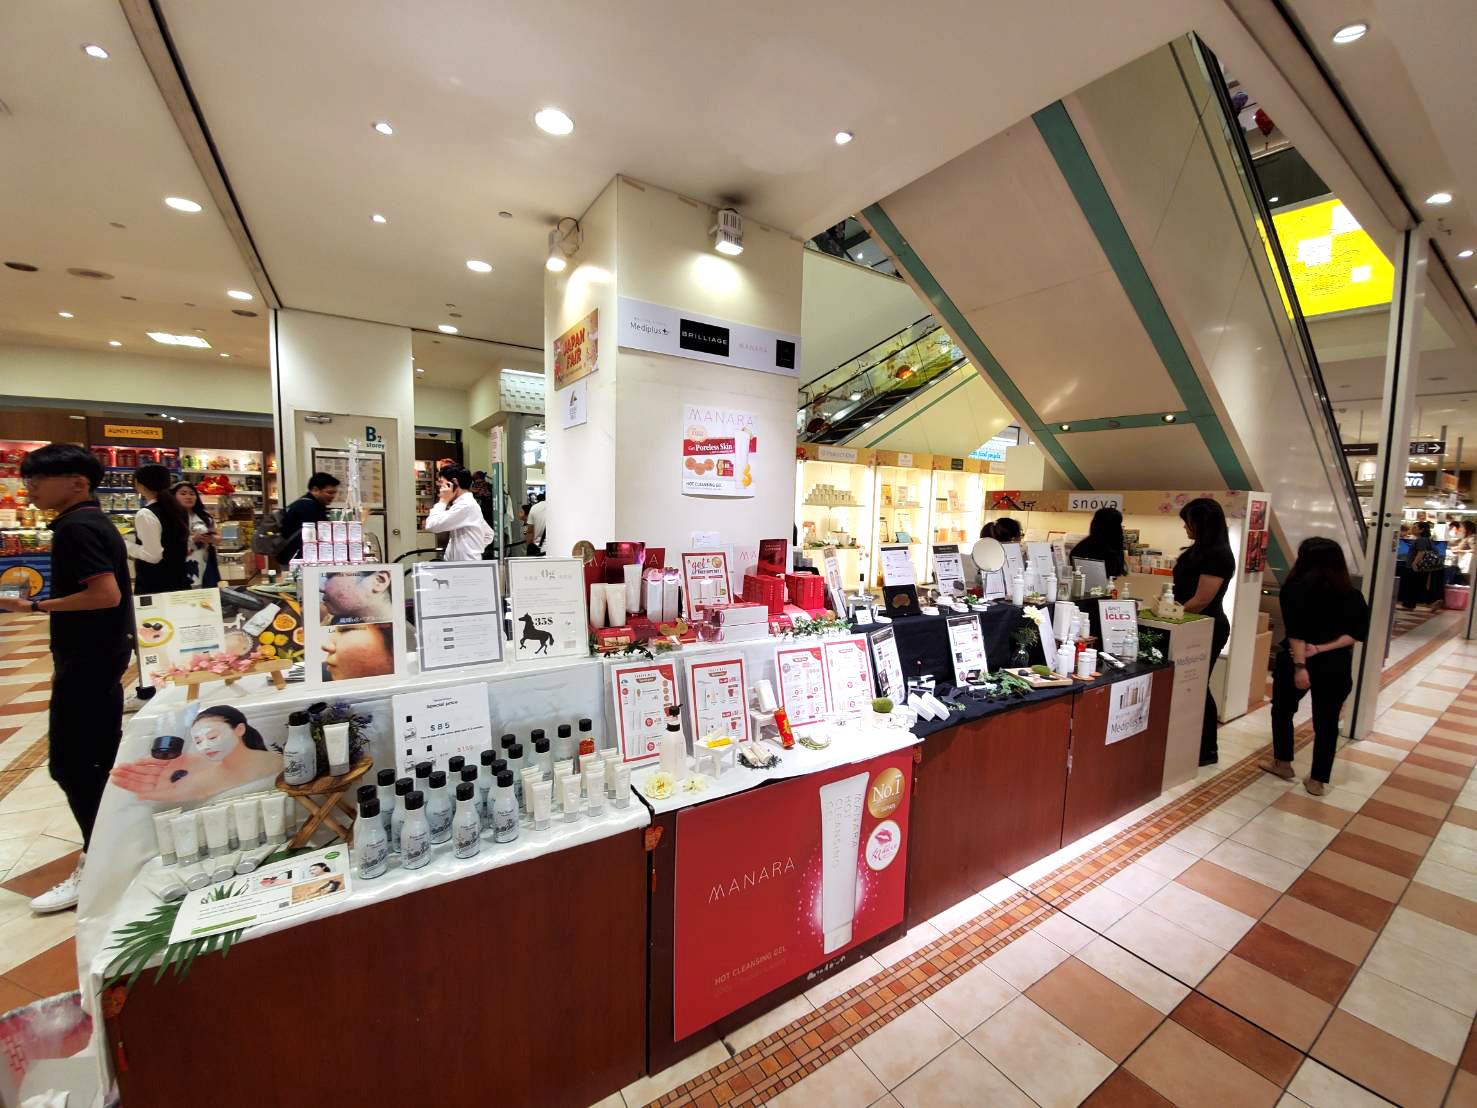 20200107_Singapore_Takashimaya_001